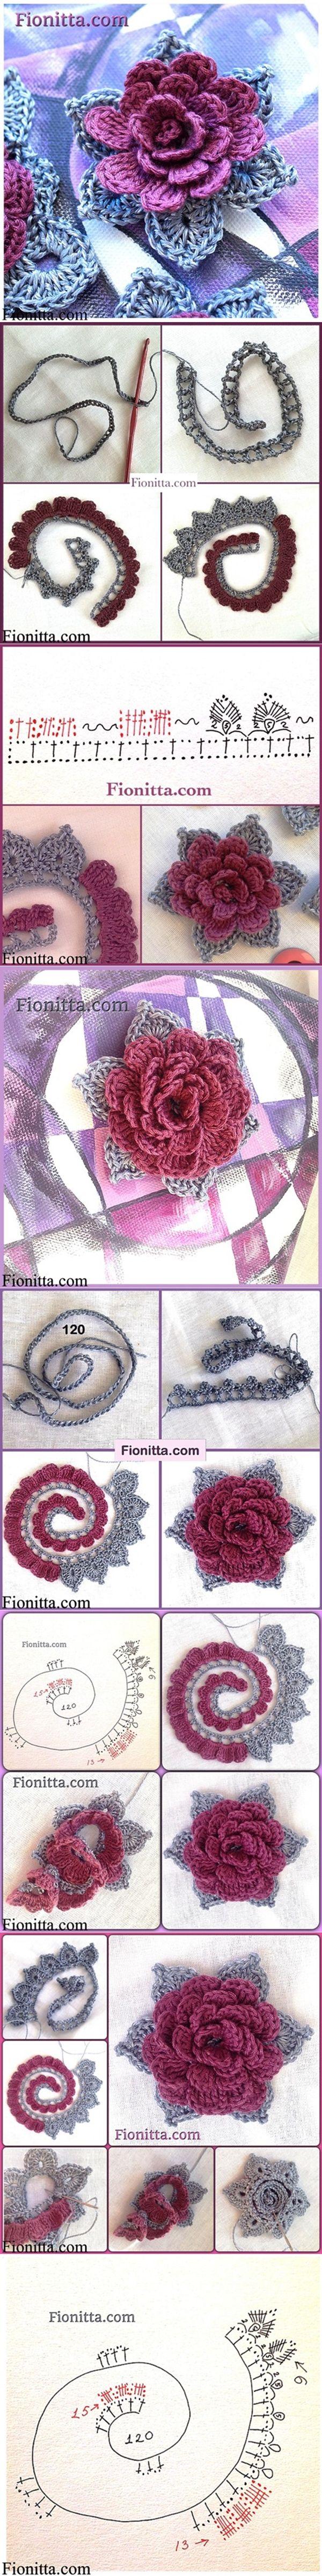 crochet rose 3d